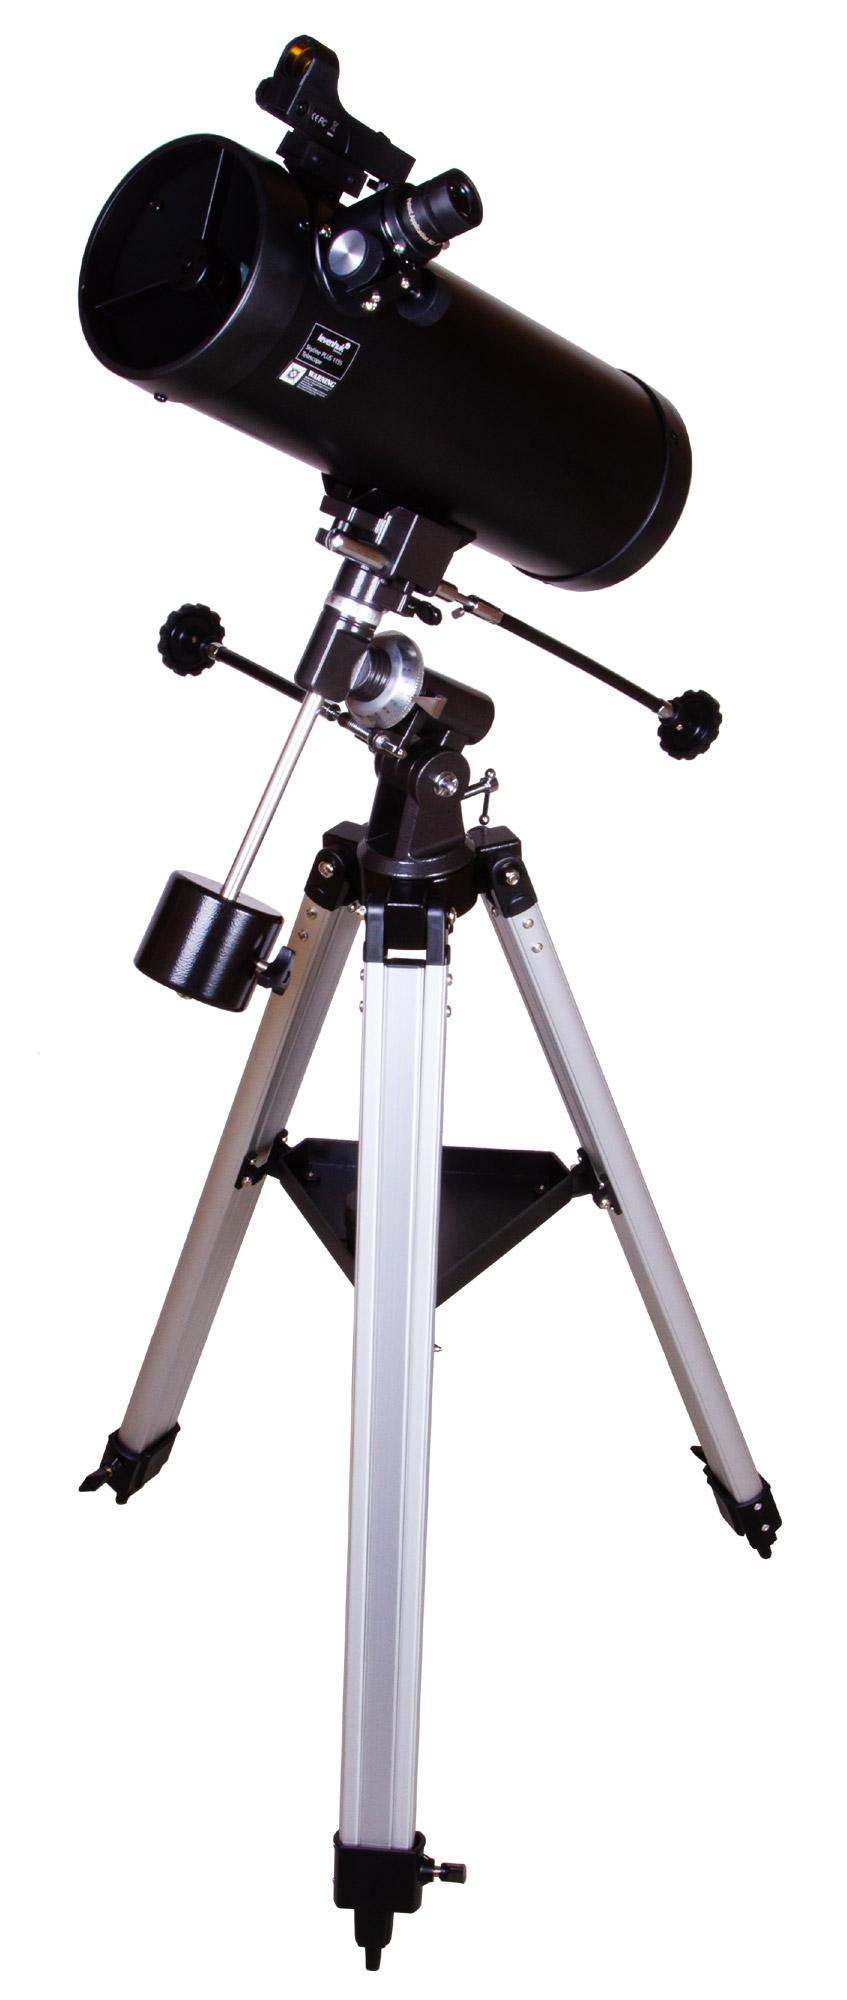 Картинка для Телескоп Levenhuk (Левенгук) Skyline PLUS 115S